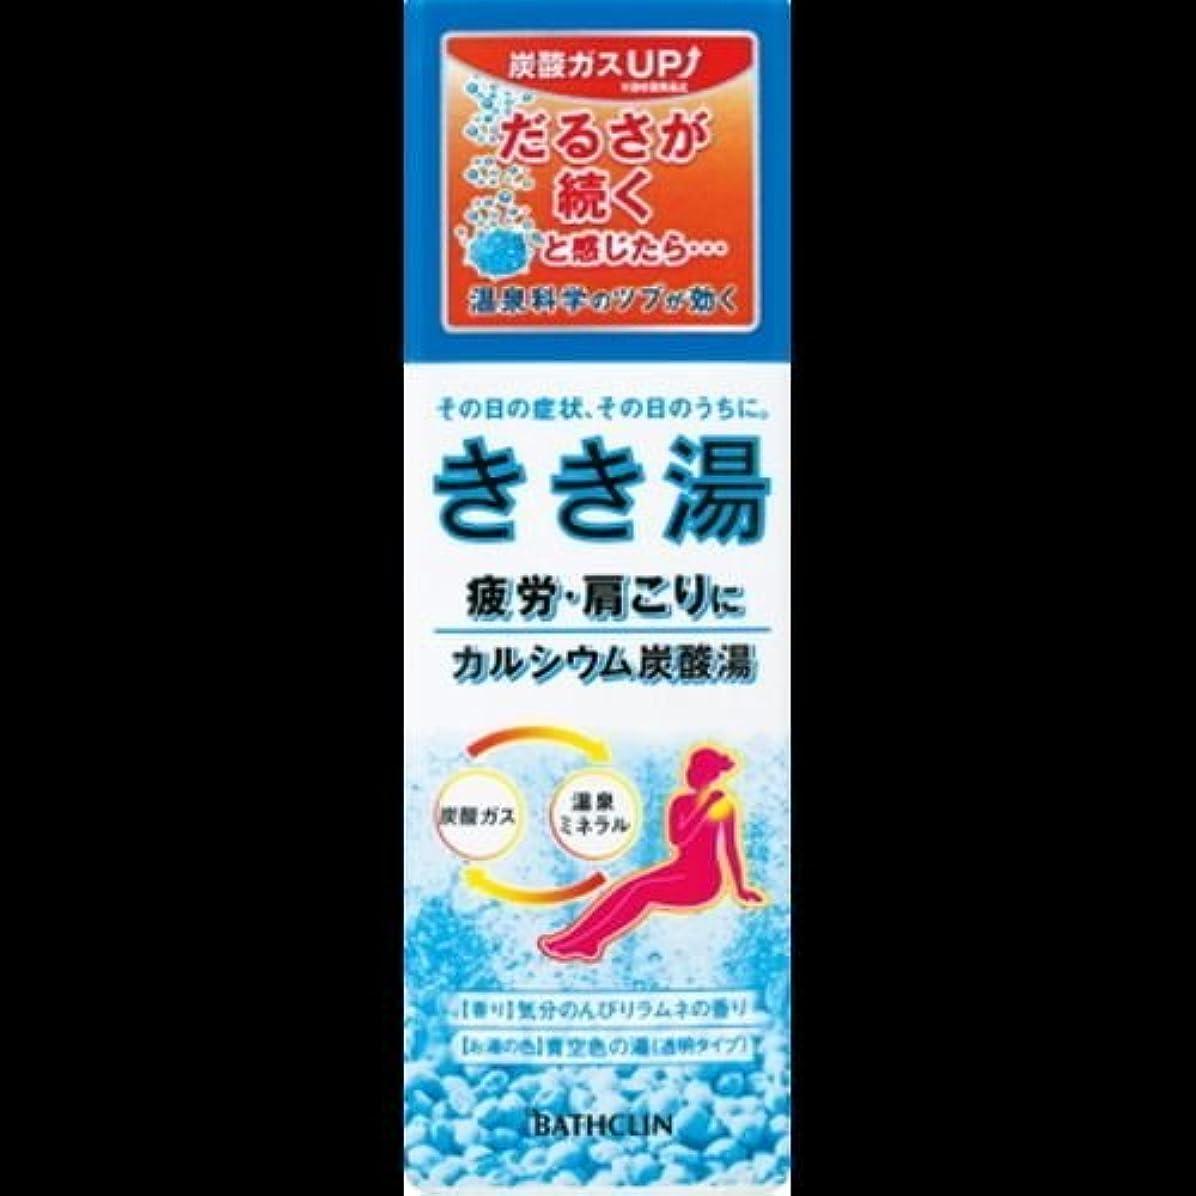 【まとめ買い】きき湯 カルシウム炭酸湯 気分のんびりラムネの香り 青空色の湯(透明タイプ) 360g ×2セット